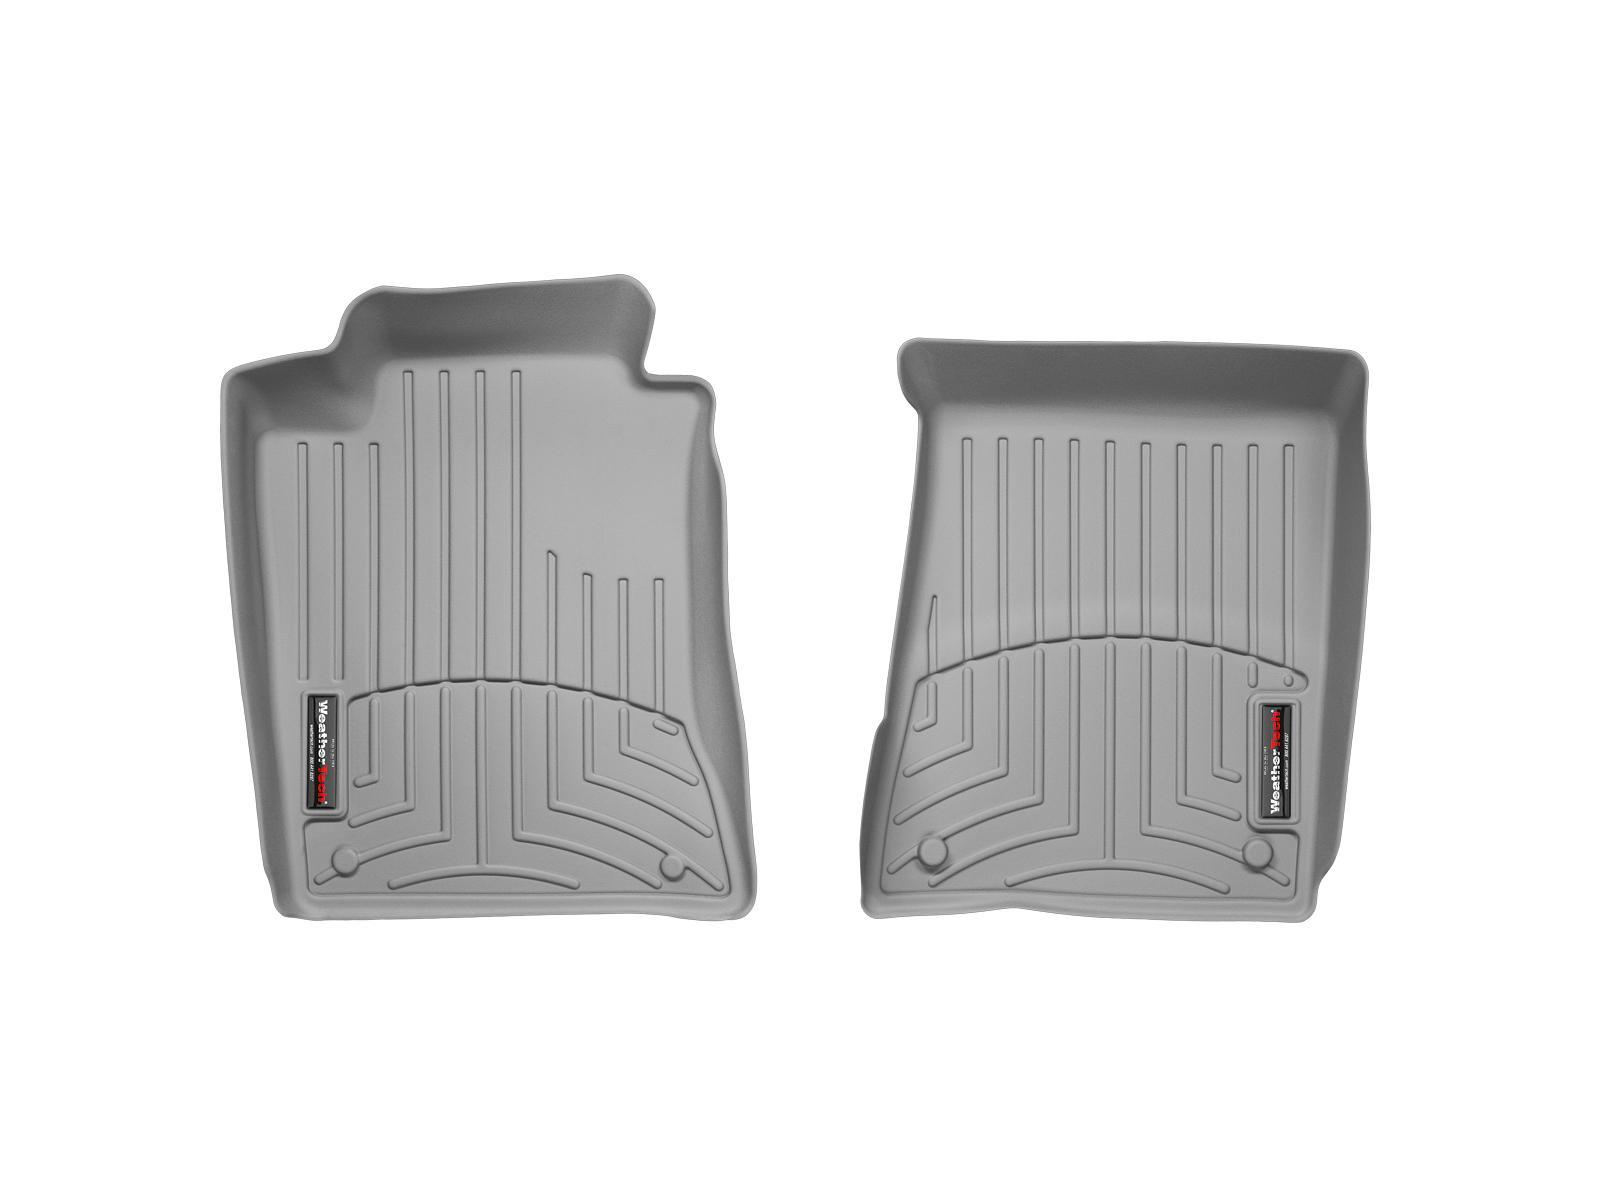 Tappeti gomma su misura bordo alto Mercedes E-Class 03>09 Grigio A2360*